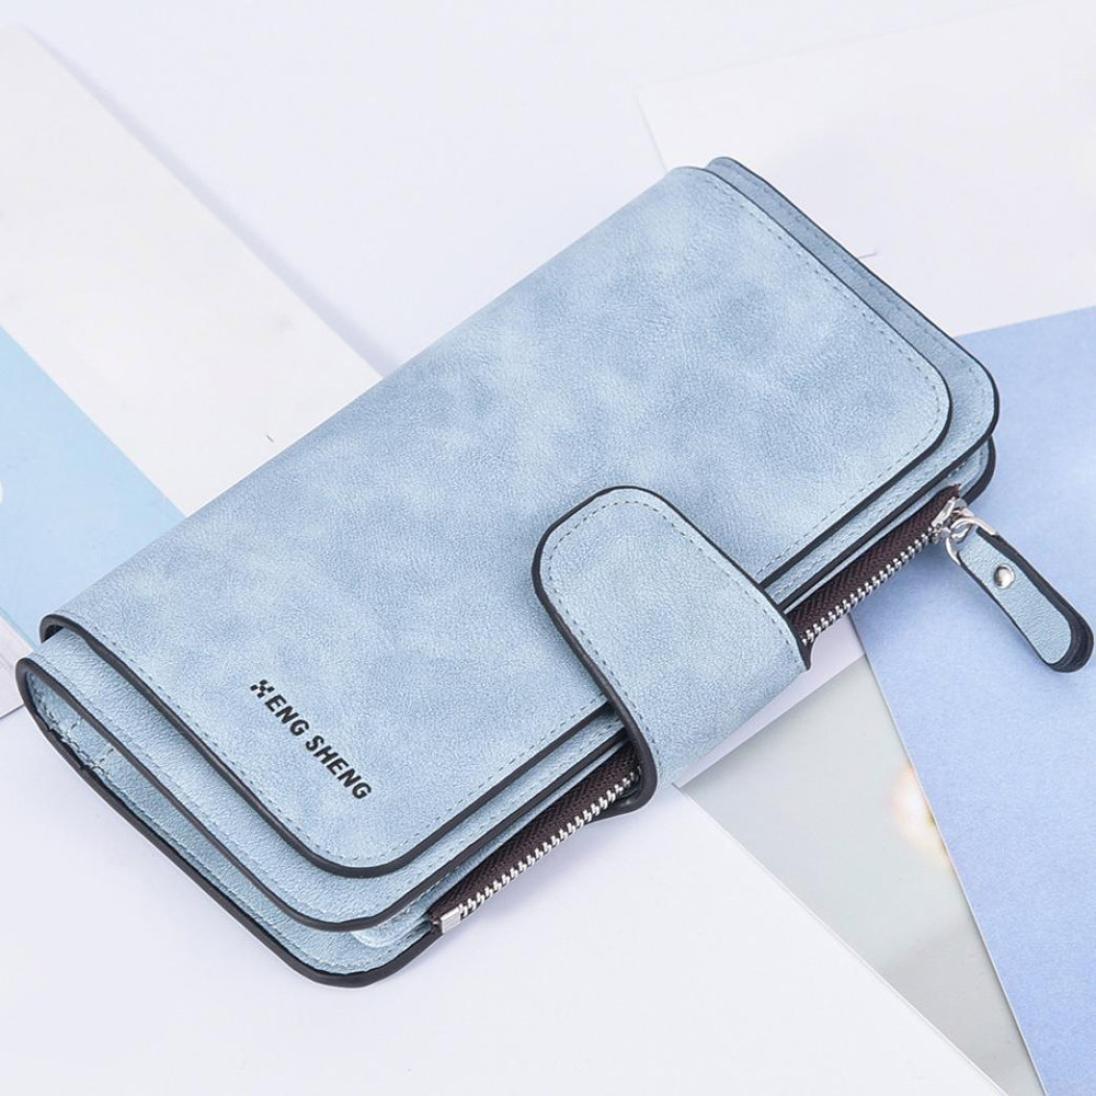 Cartera de mujer, RETUROM 2018 Bolso de la tarjeta de la carpeta de la posición de la tarjeta multi del cerrojo polaco sólido de las mujeres (Azul): ...